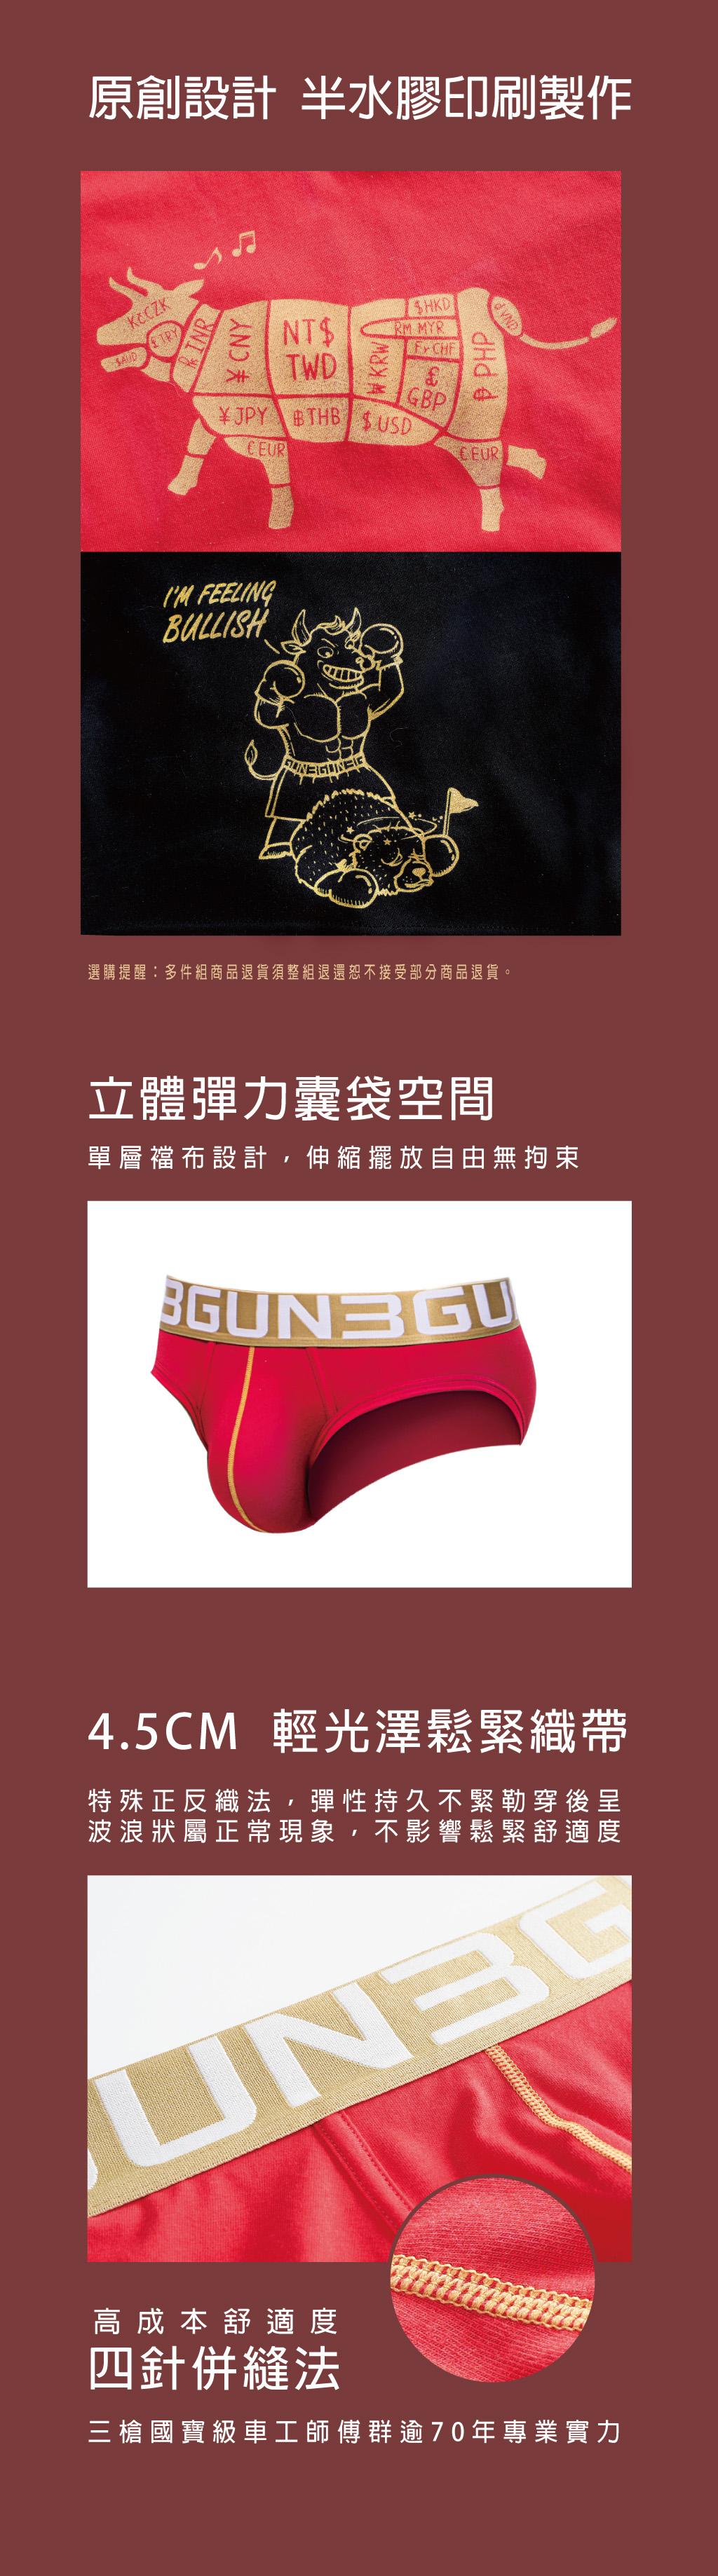 紅運男彈力棉平口褲組-棉感-3GUN  男性時尚內衣褲MIT品牌